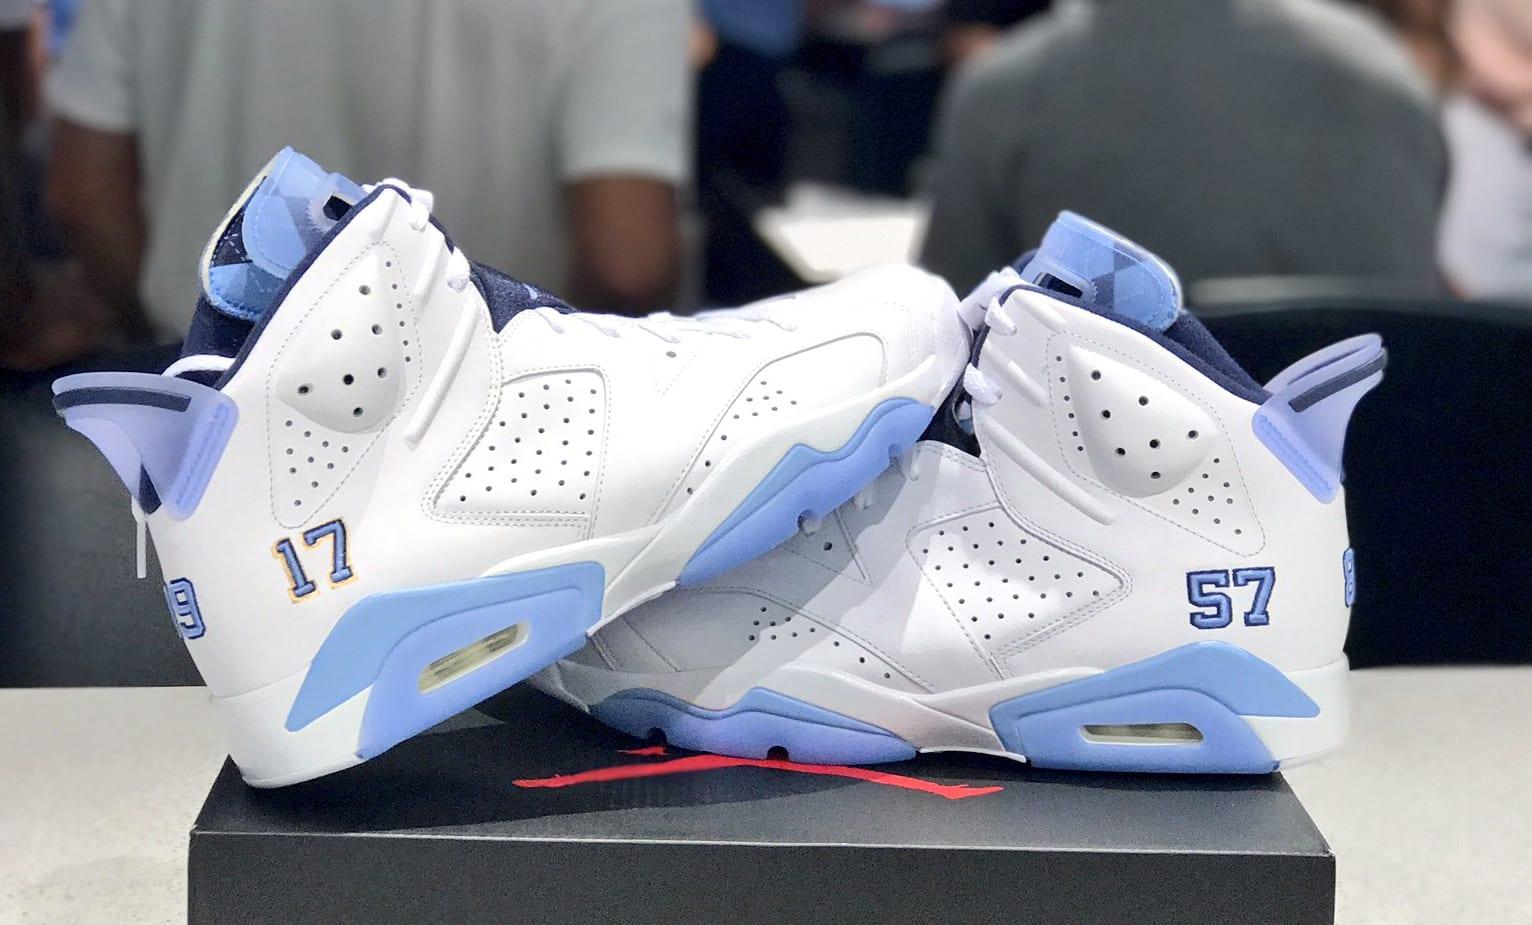 New Men Air Jordan 6 UNC PE All Blue Shoes